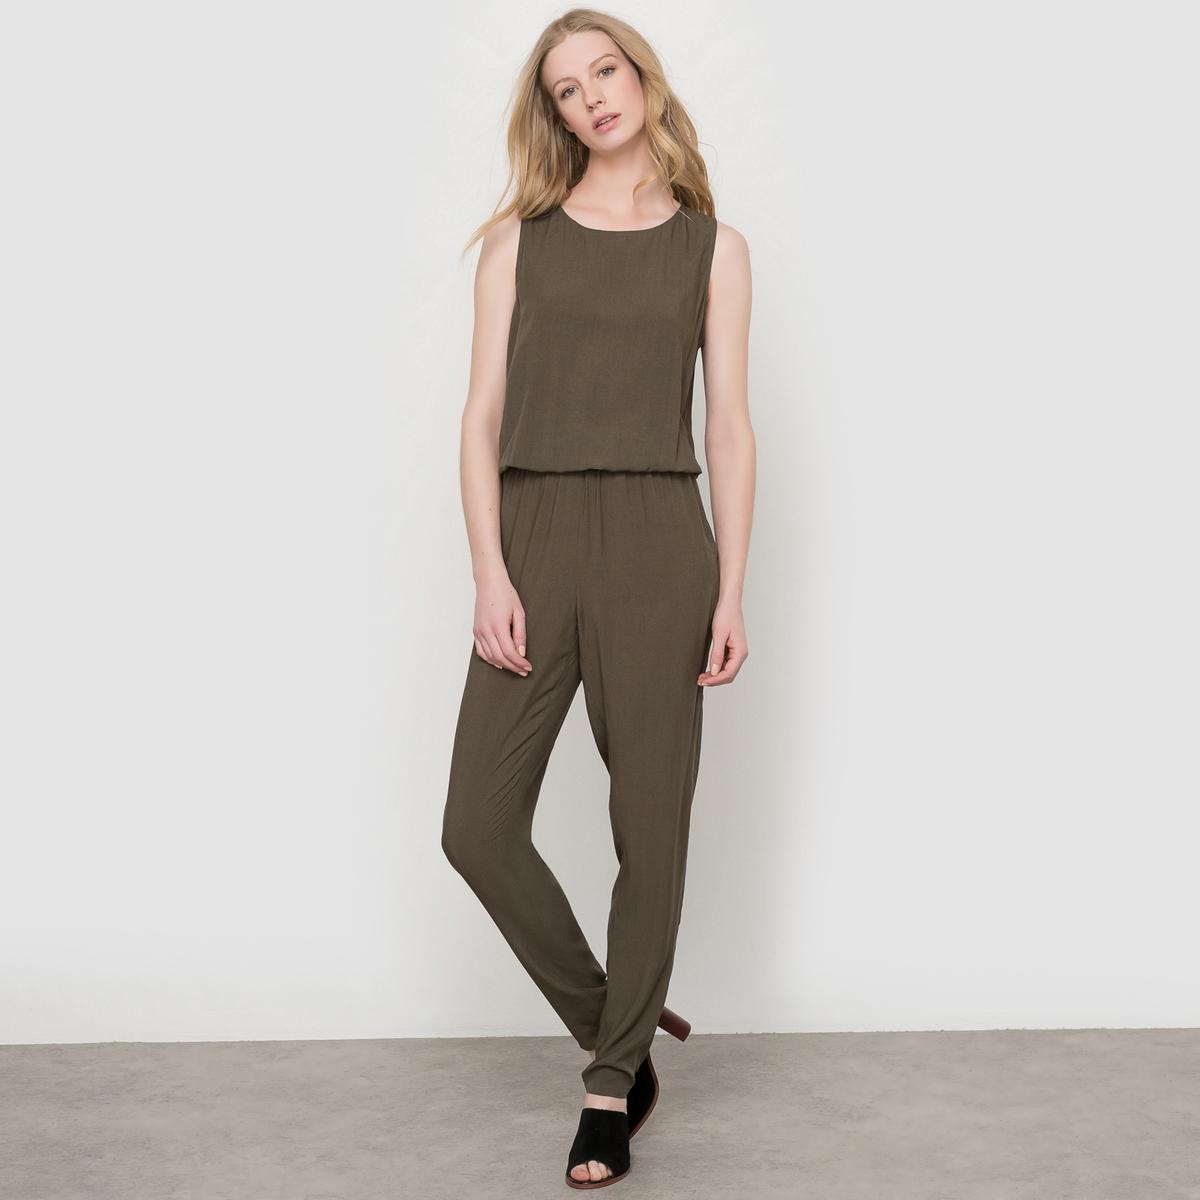 Комбинезон с брюками, спинка с вырезомКомбинезон с брюками, спинка с вырезом. Без рукавов, круглый вырез. Эластичный пояс. 2 прорезных кармана сзади.     Состав и описаниеМатериал: 100% вискозы.Длина по внутреннему шву: 76 см.Ширина по низу: 15 см.Марка: LES PETITS PRIX.УходМашинная стирка при 30°C с одеждой подобных цветов.Стирать и гладить с изнанки.Не рекомендуется машинная сушка.Гладить на низкой температуре.<br><br>Цвет: хаки<br>Размер: 34 (FR) - 40 (RUS)